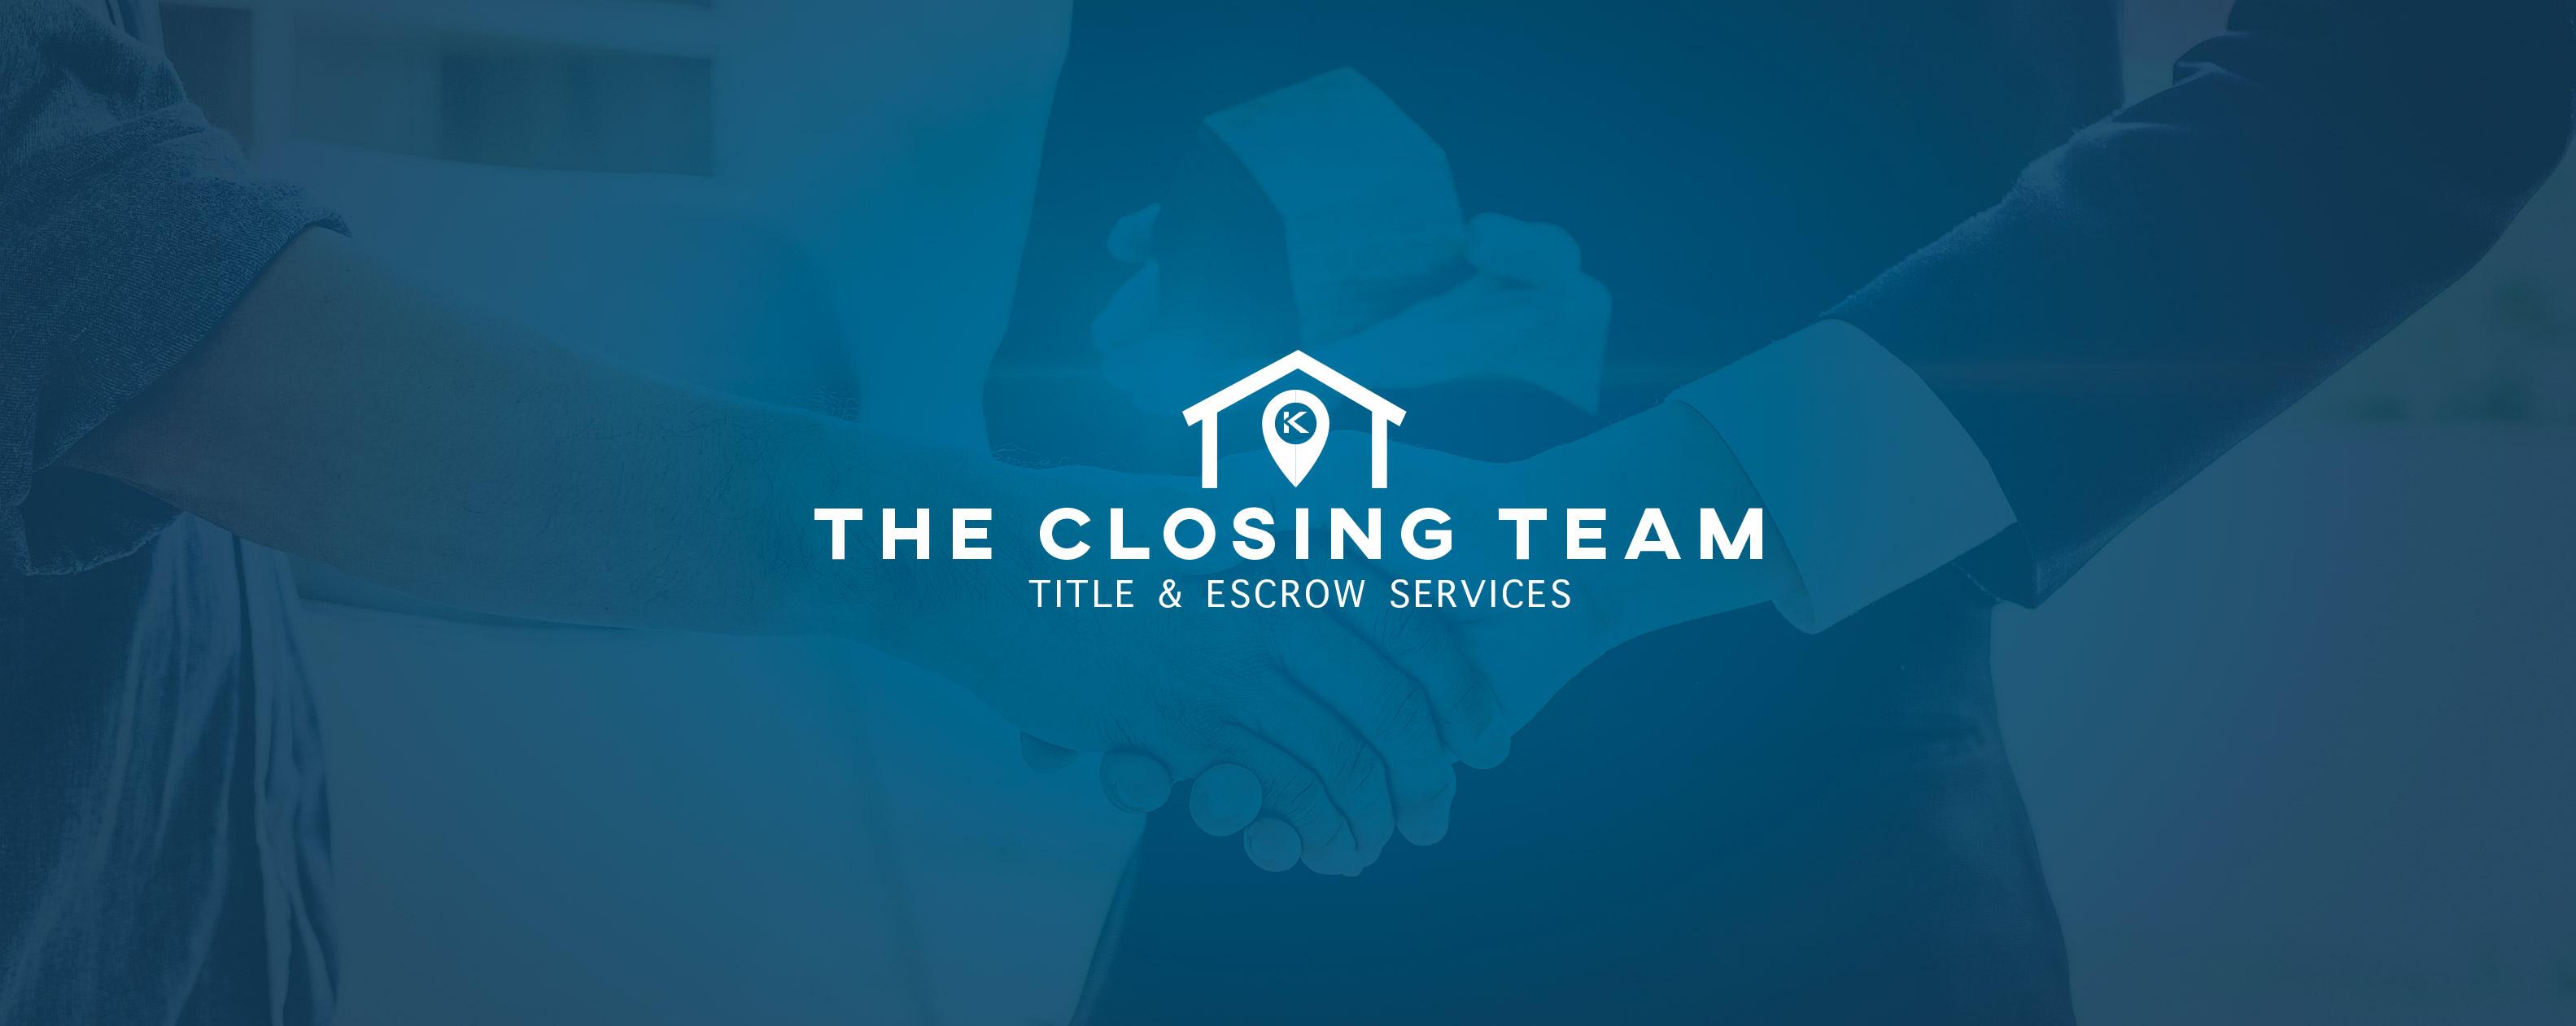 Closing_team_Website_header